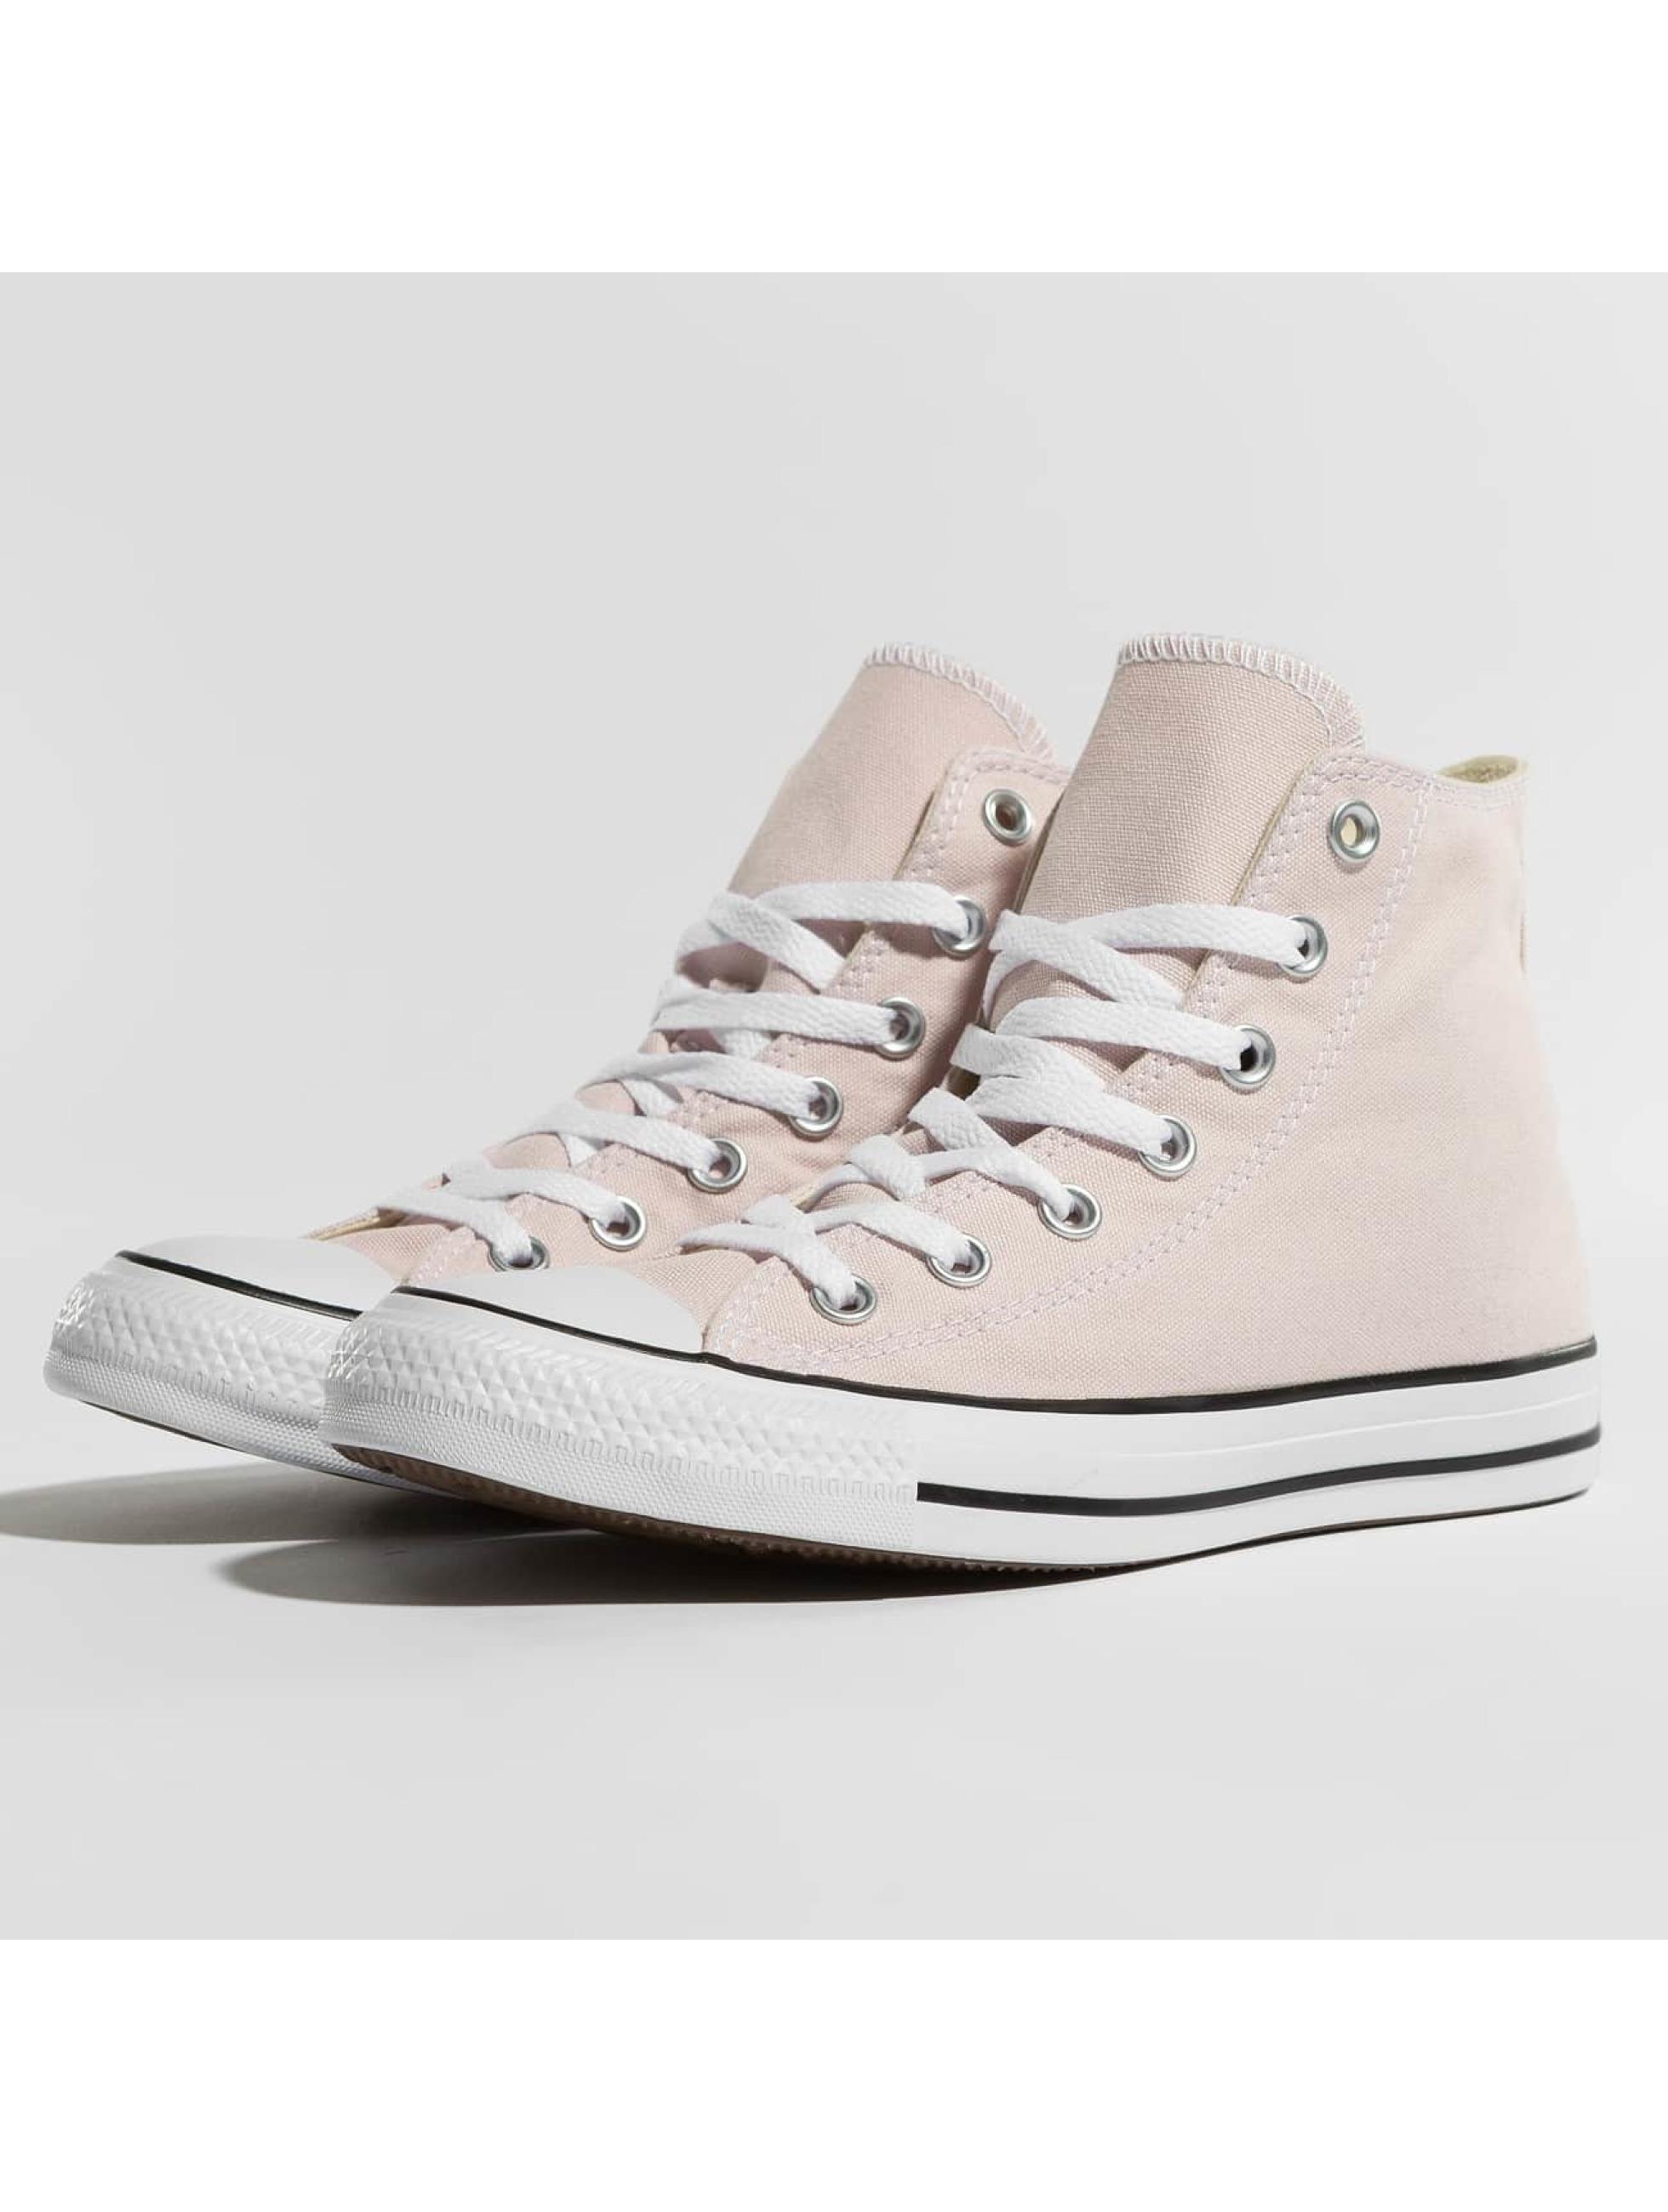 88a8f5dd76b844 ... denmark converse sneaker chuck taylor all star hi rosa fe826 effc8